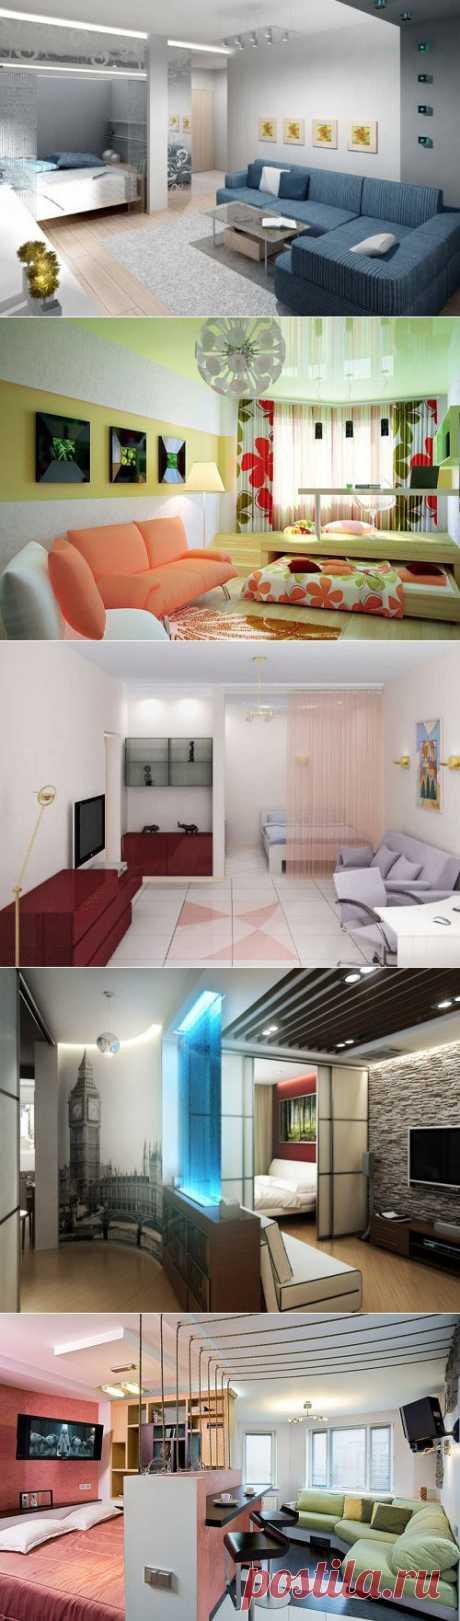 (+1) тема - Как отделить спальню в однокомнатной квартире | МОЙ ДОМ